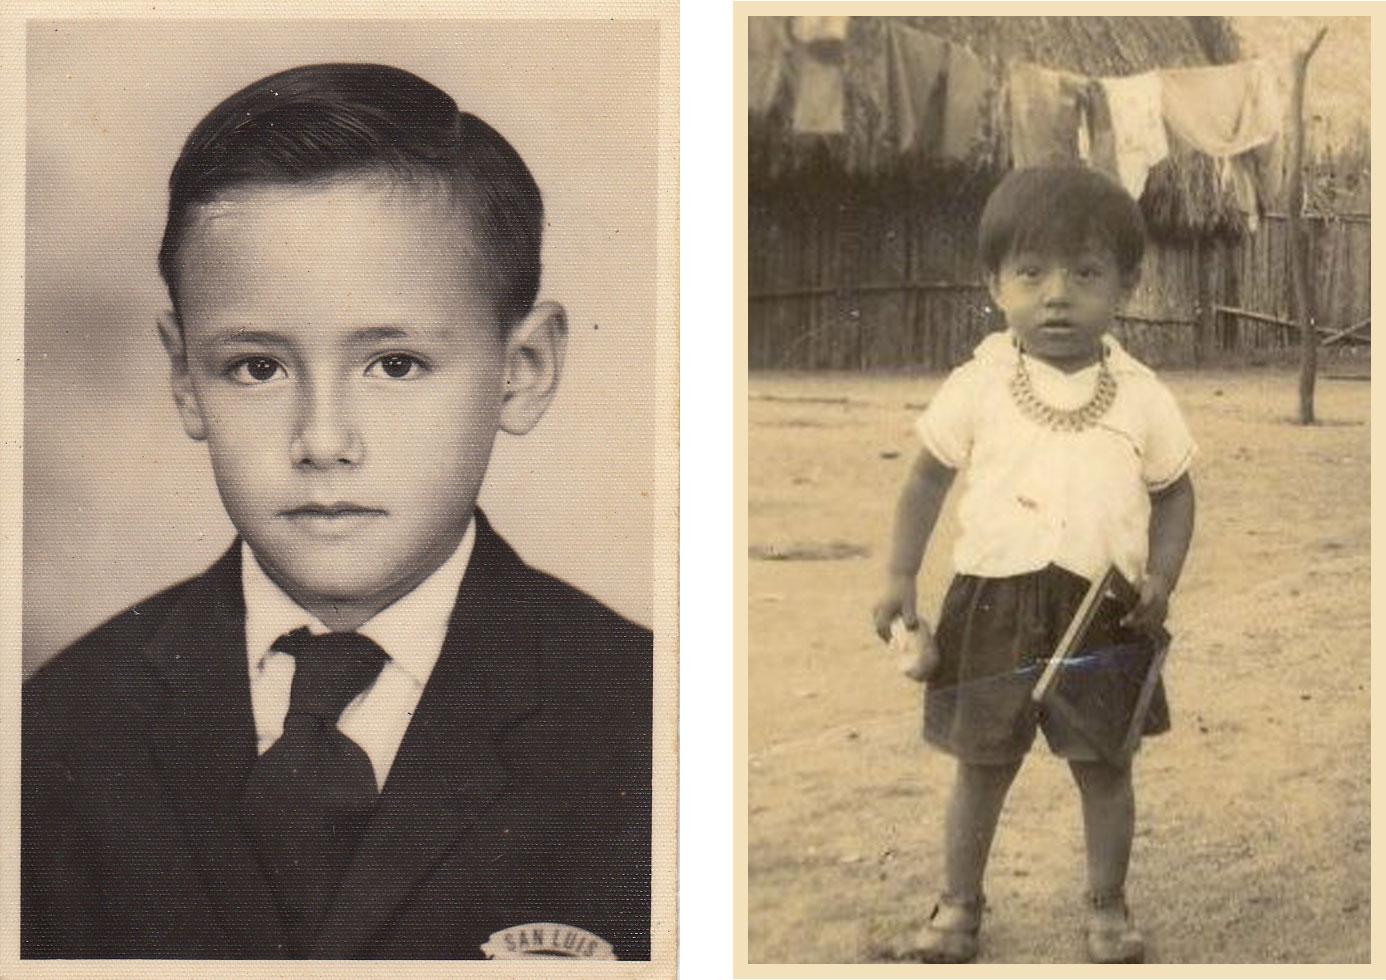 Jorge (izquierda) y Cebaldo (derecha).